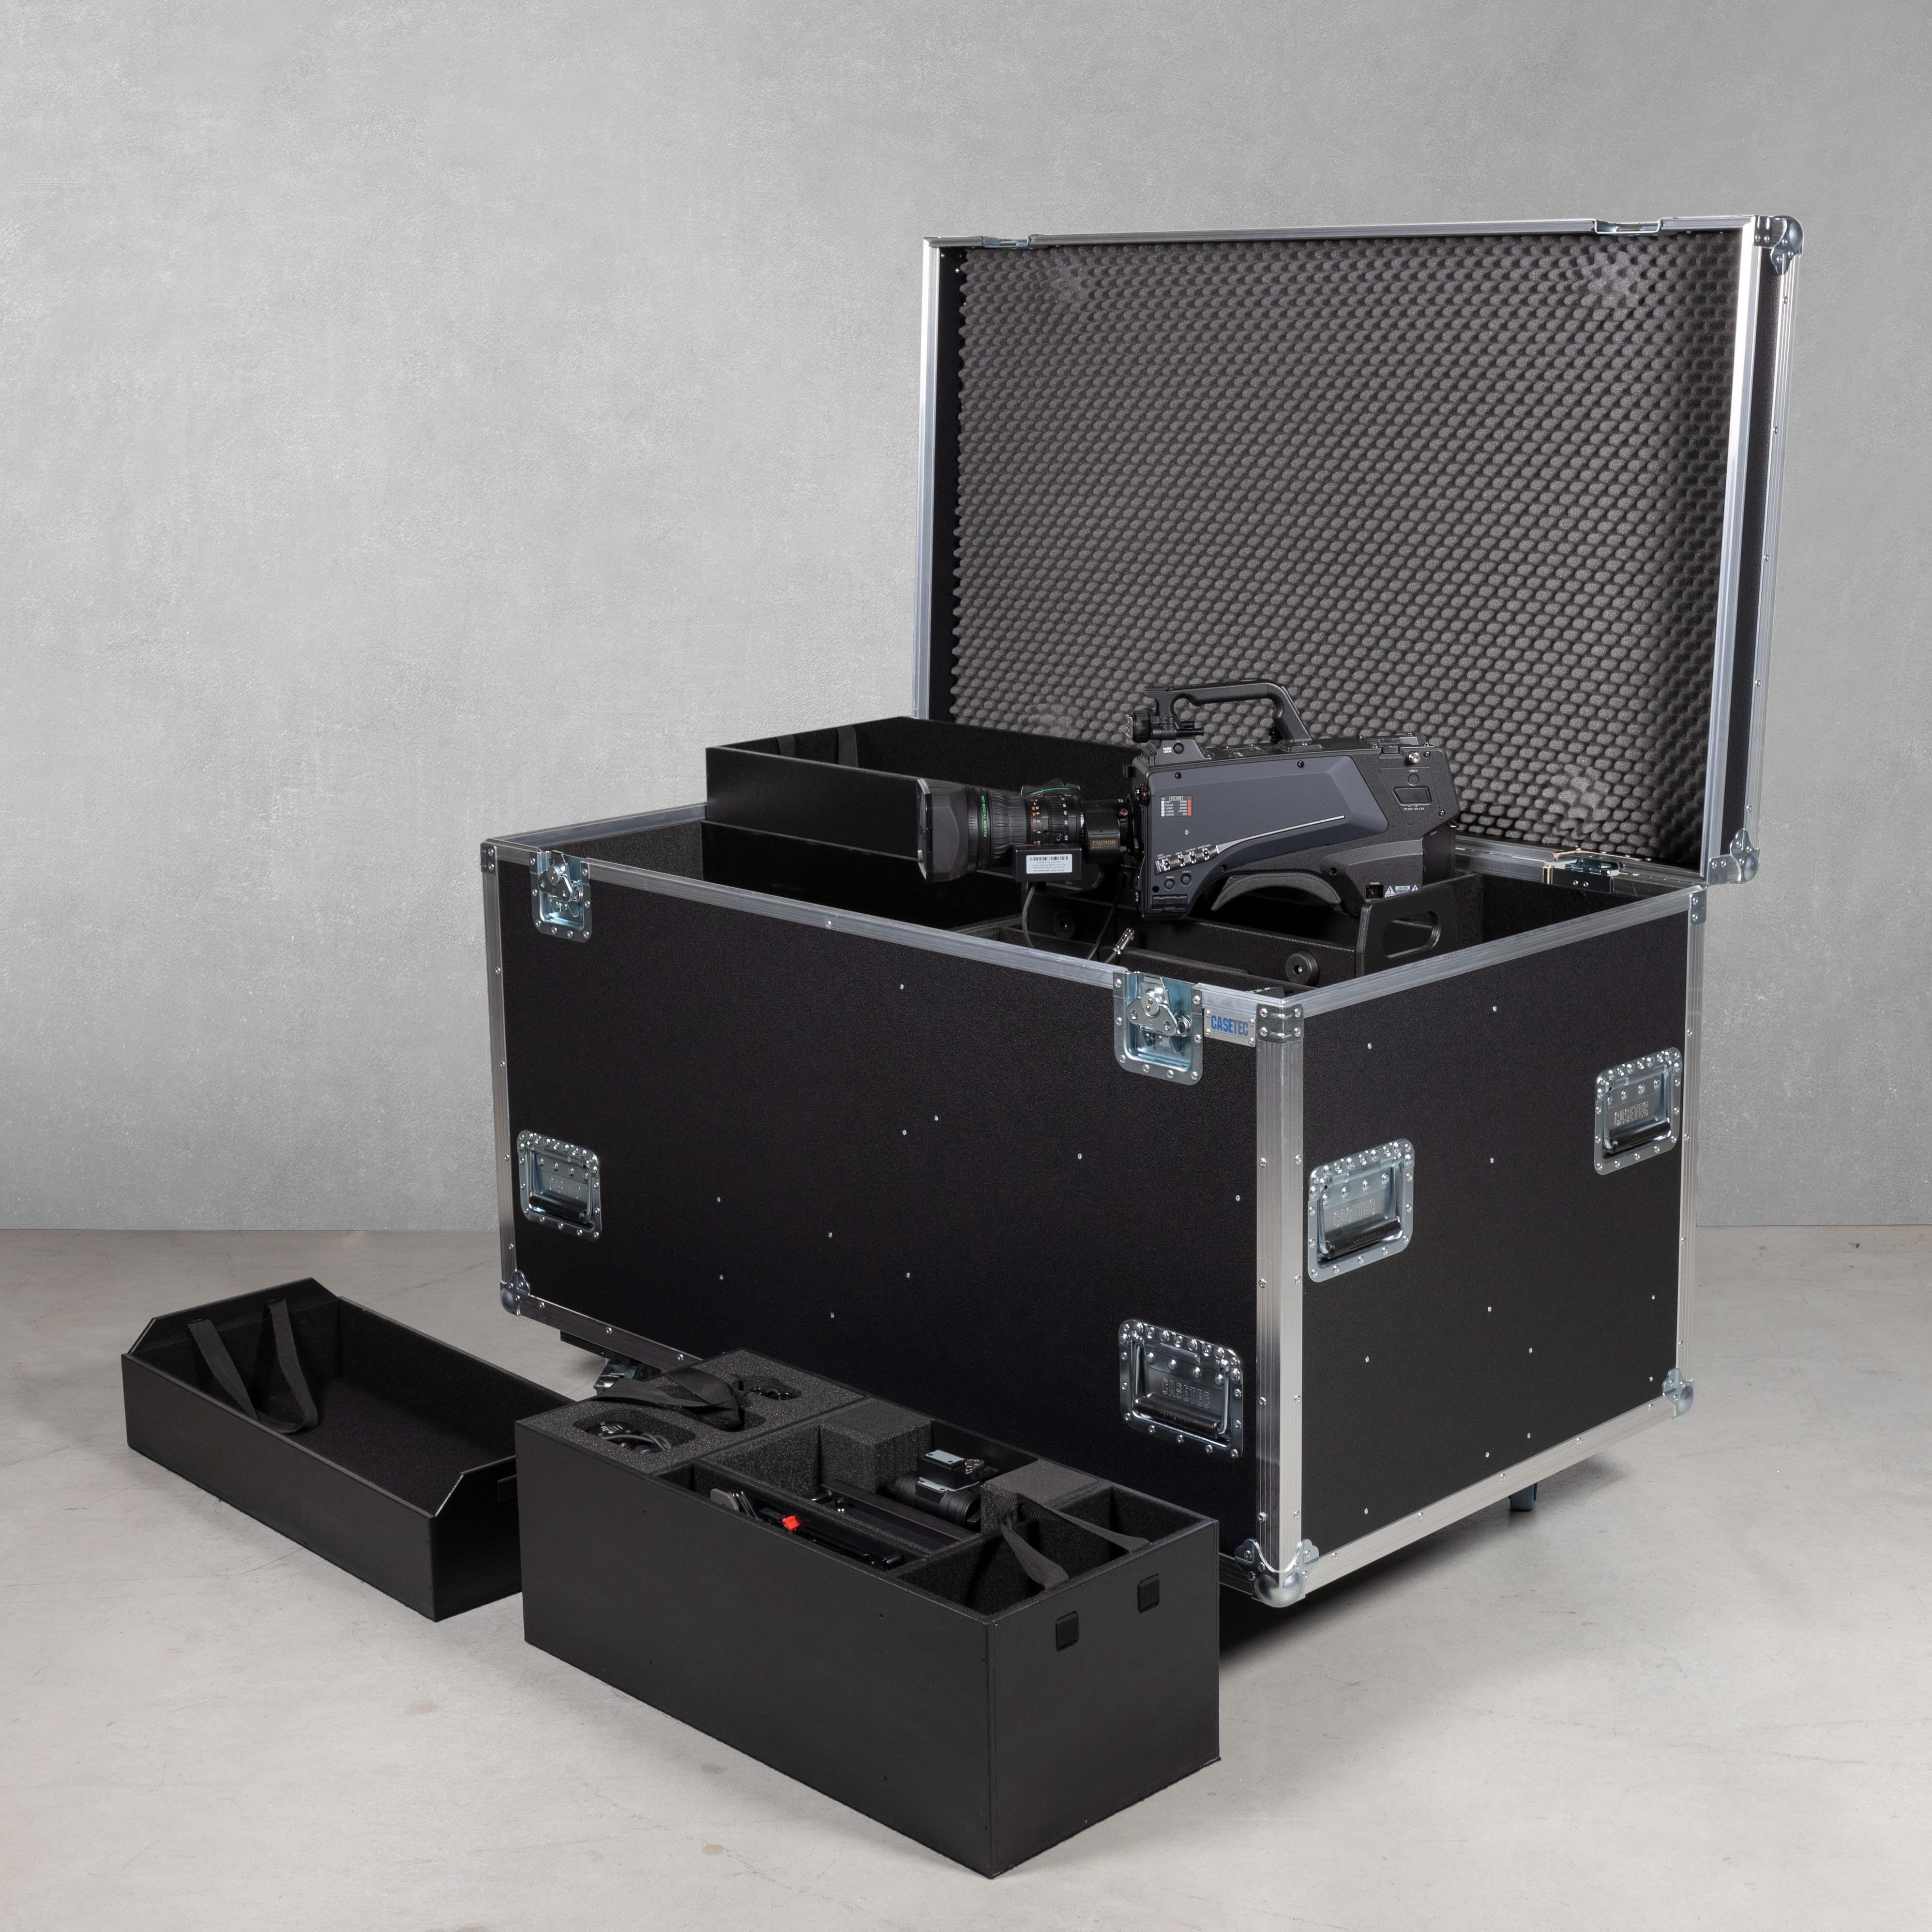 Flightcase für Kamerazug Panasonic AK-HC5000 inkl. Rackmodul